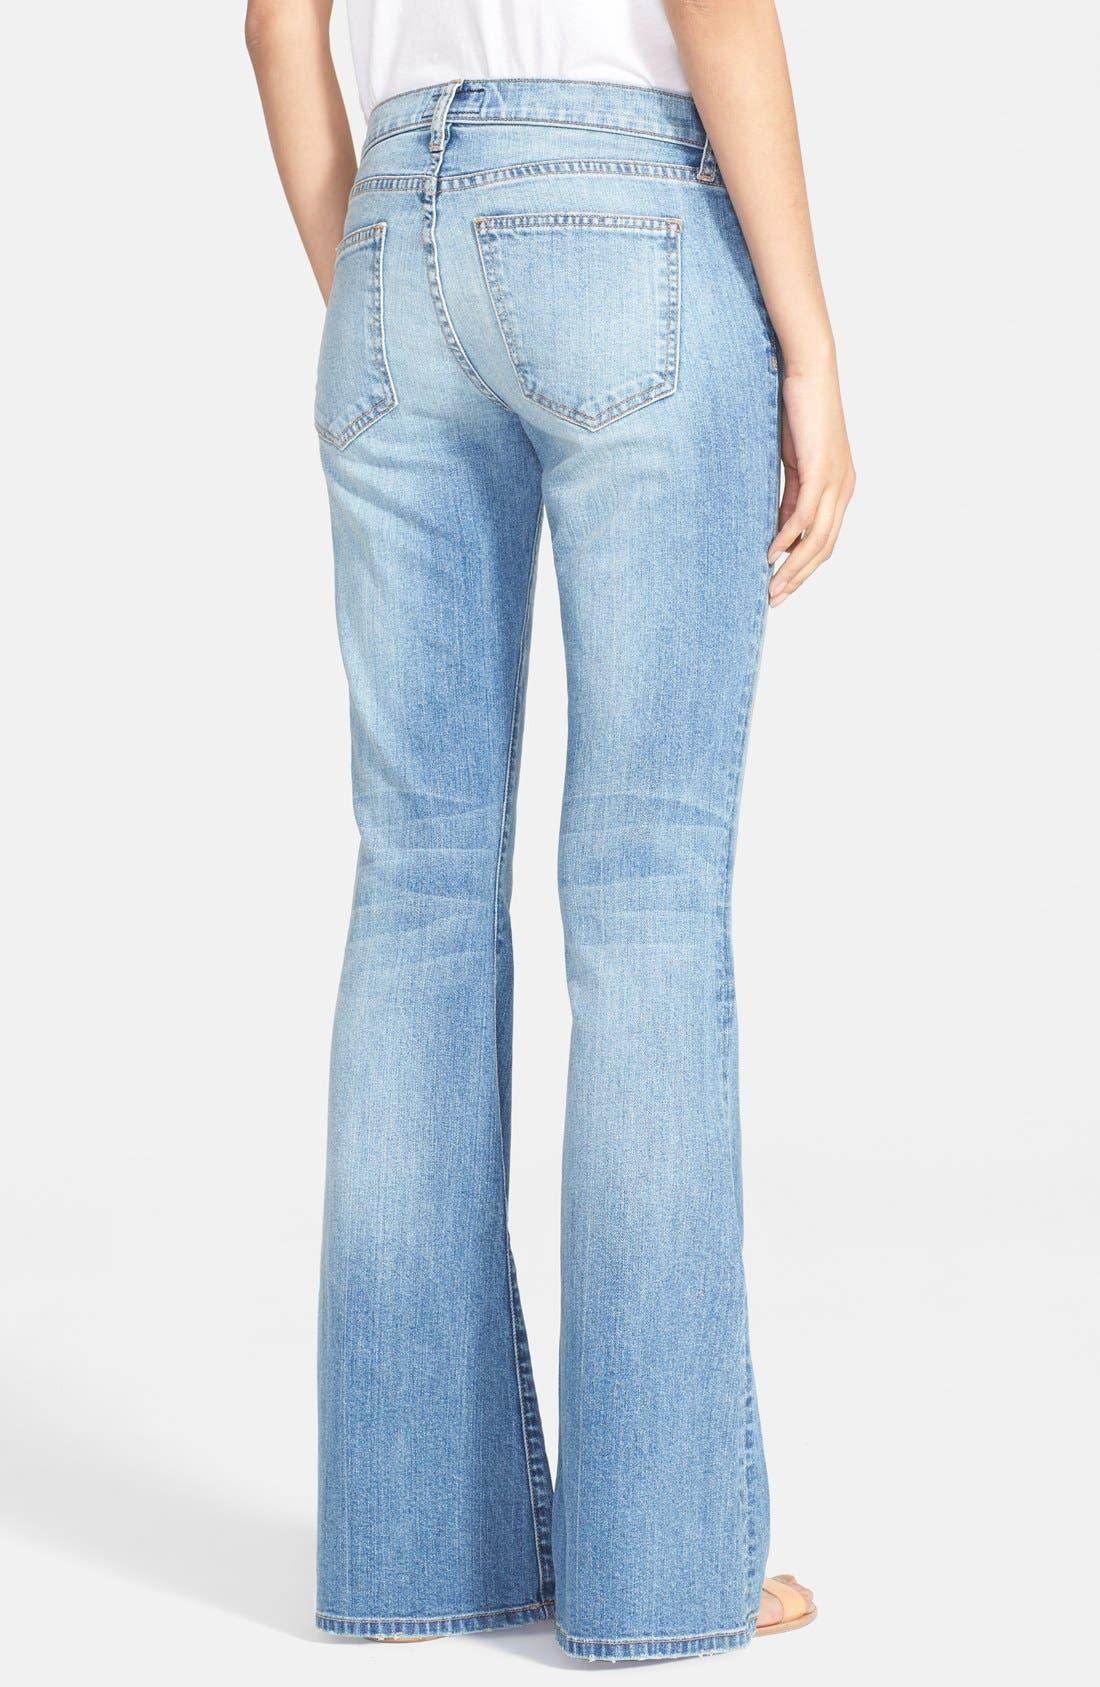 Alternate Image 2  - Current/Elliott Bell Bottom Jeans (Heirloom)